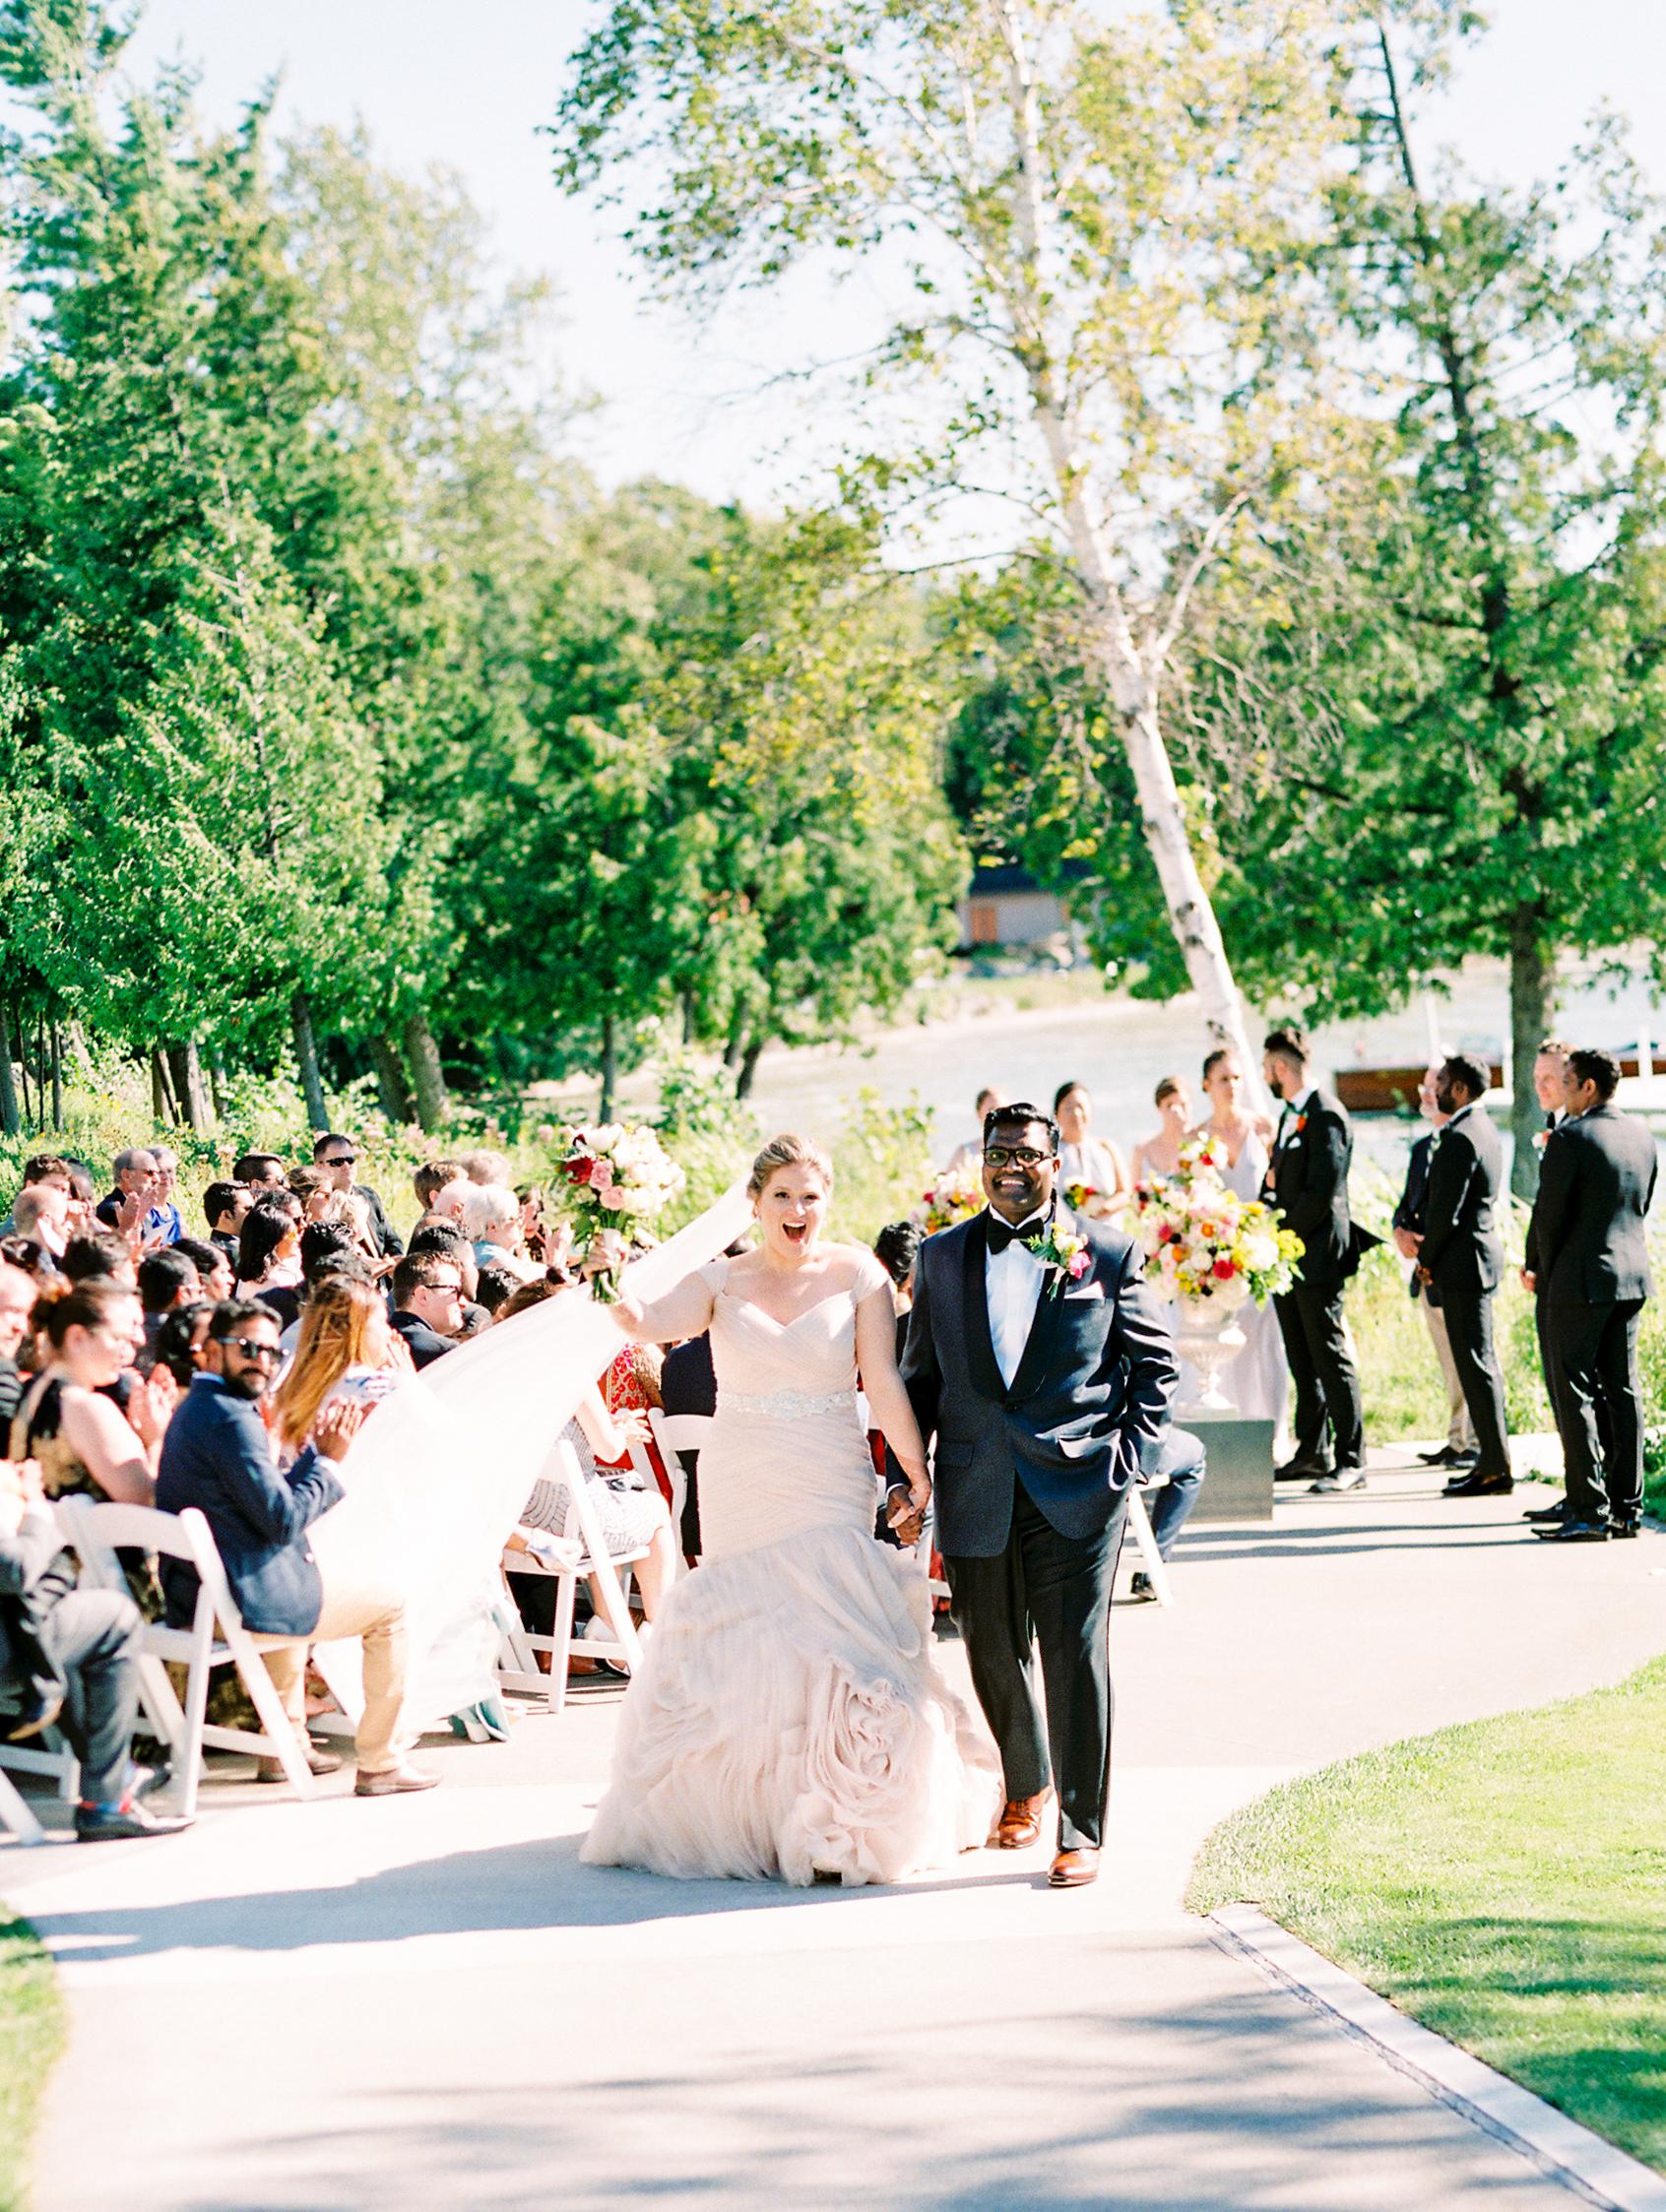 Govathoti+Wedding+Ceremony-191.jpg